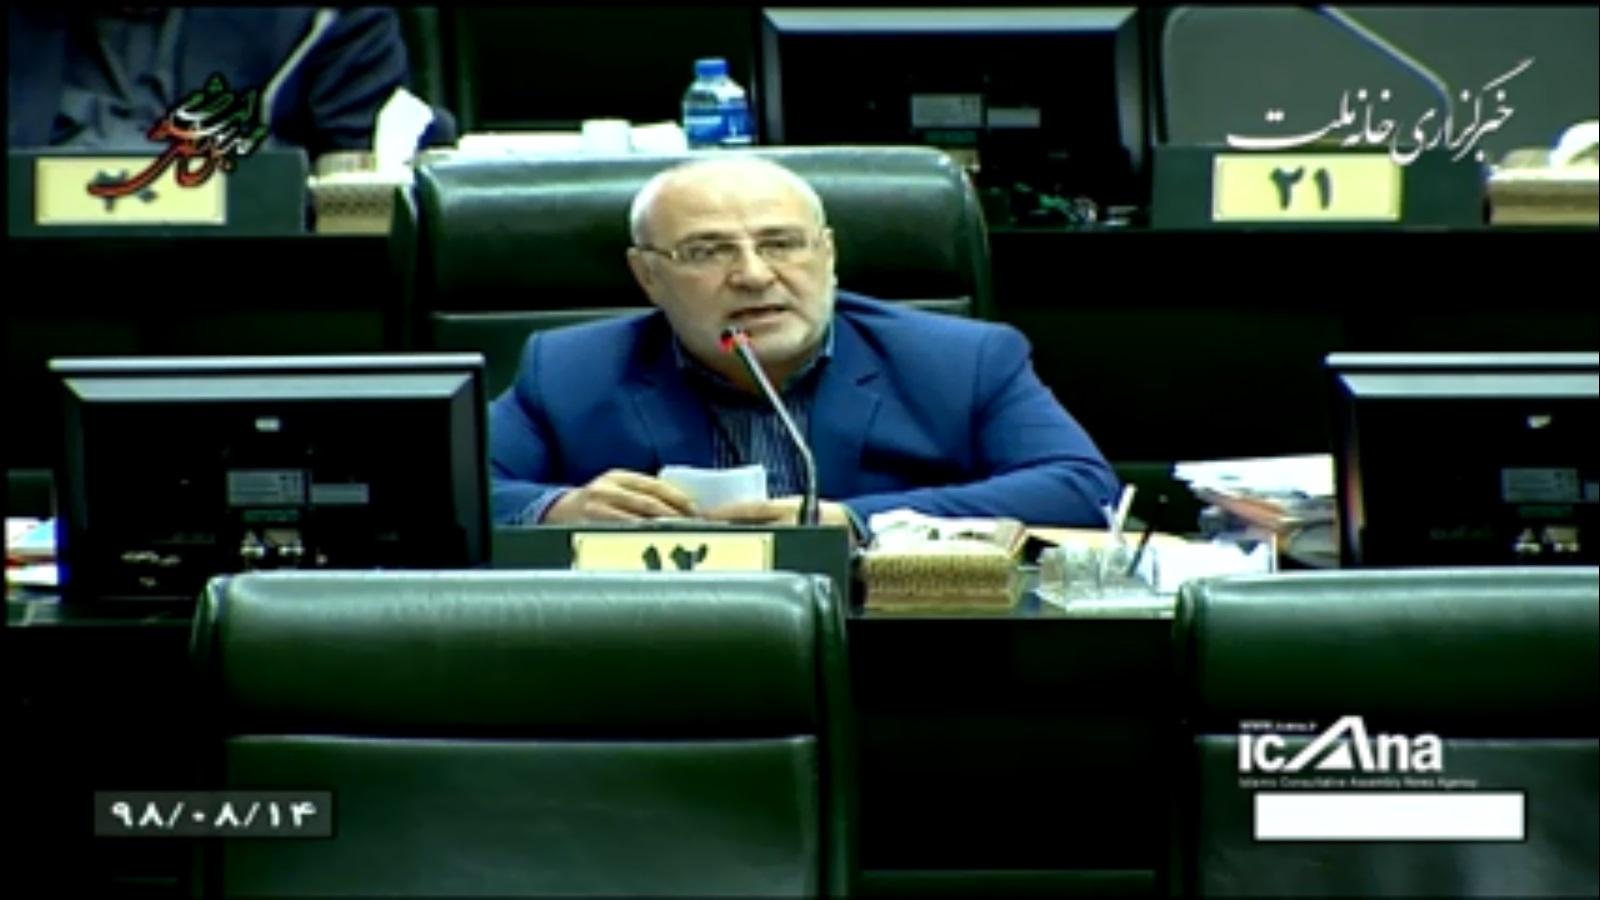 حاجی : درمقابل جنگ اقتصادی نیازمند وحدت هستیم